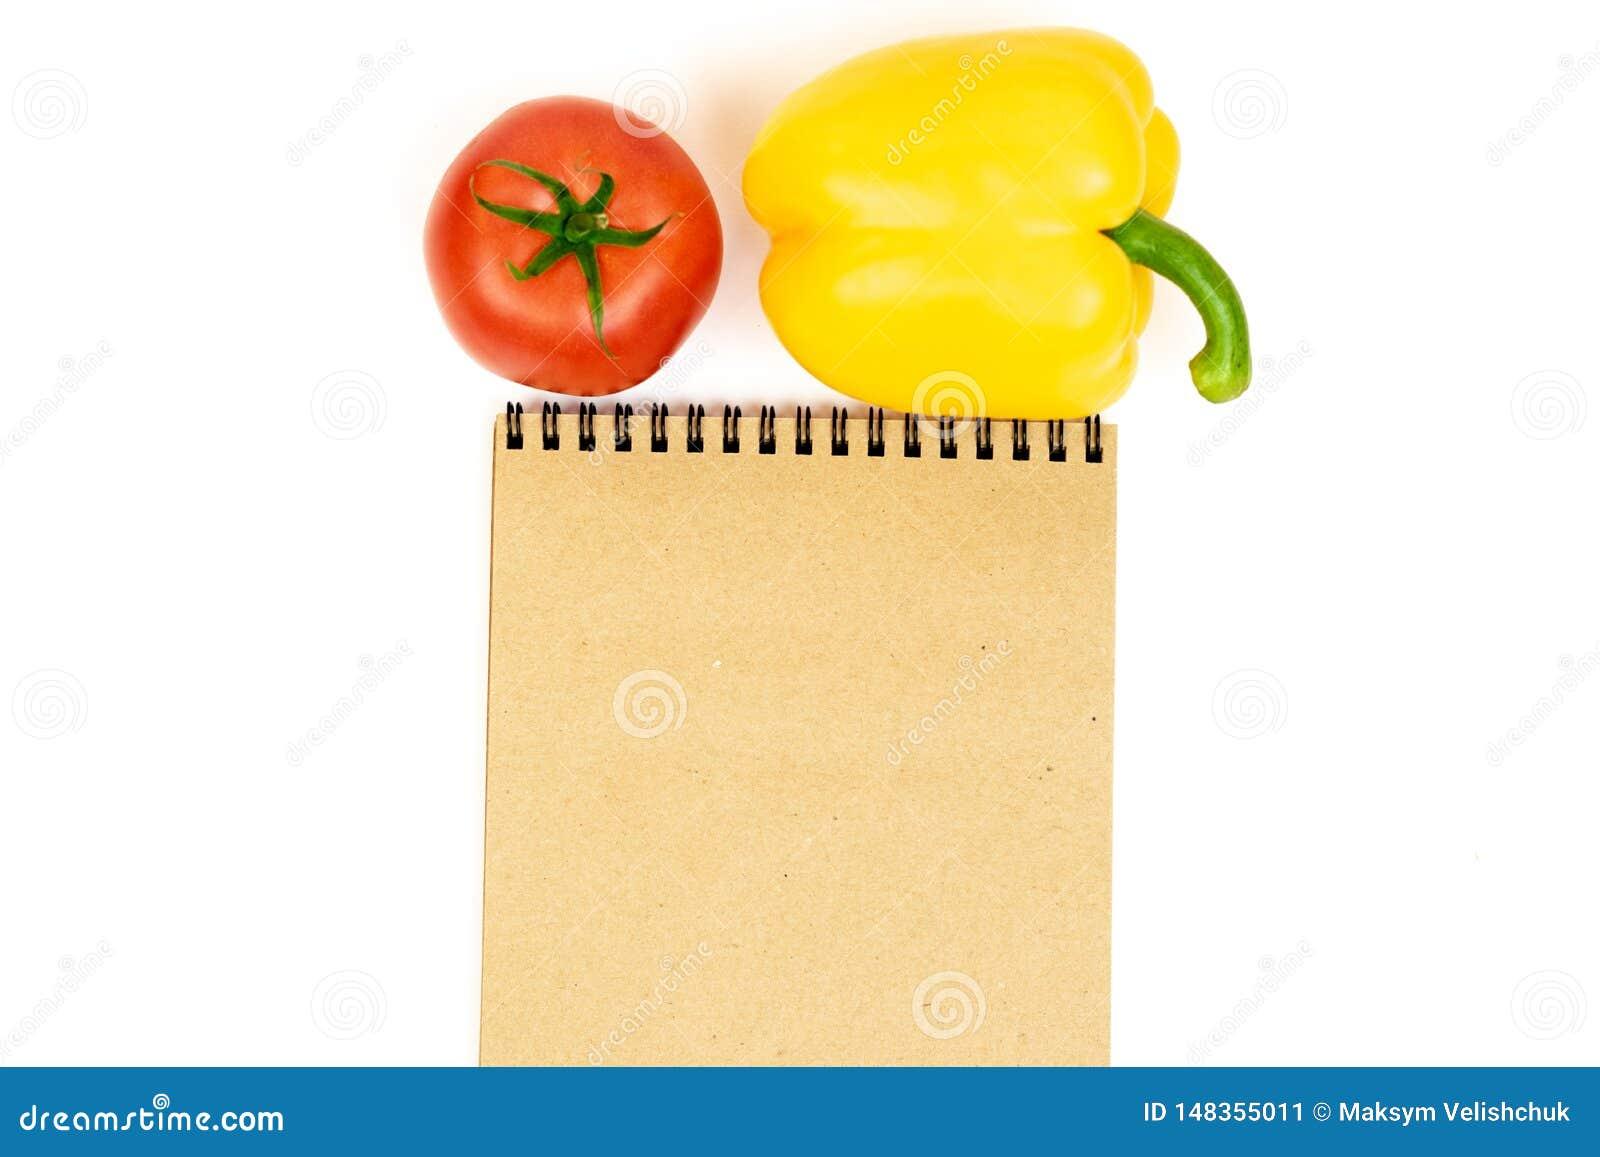 Paprika amarillo con los tomates aislados en el fondo blanco cerca de la libreta Composición de la pimienta amarilla y del tomate